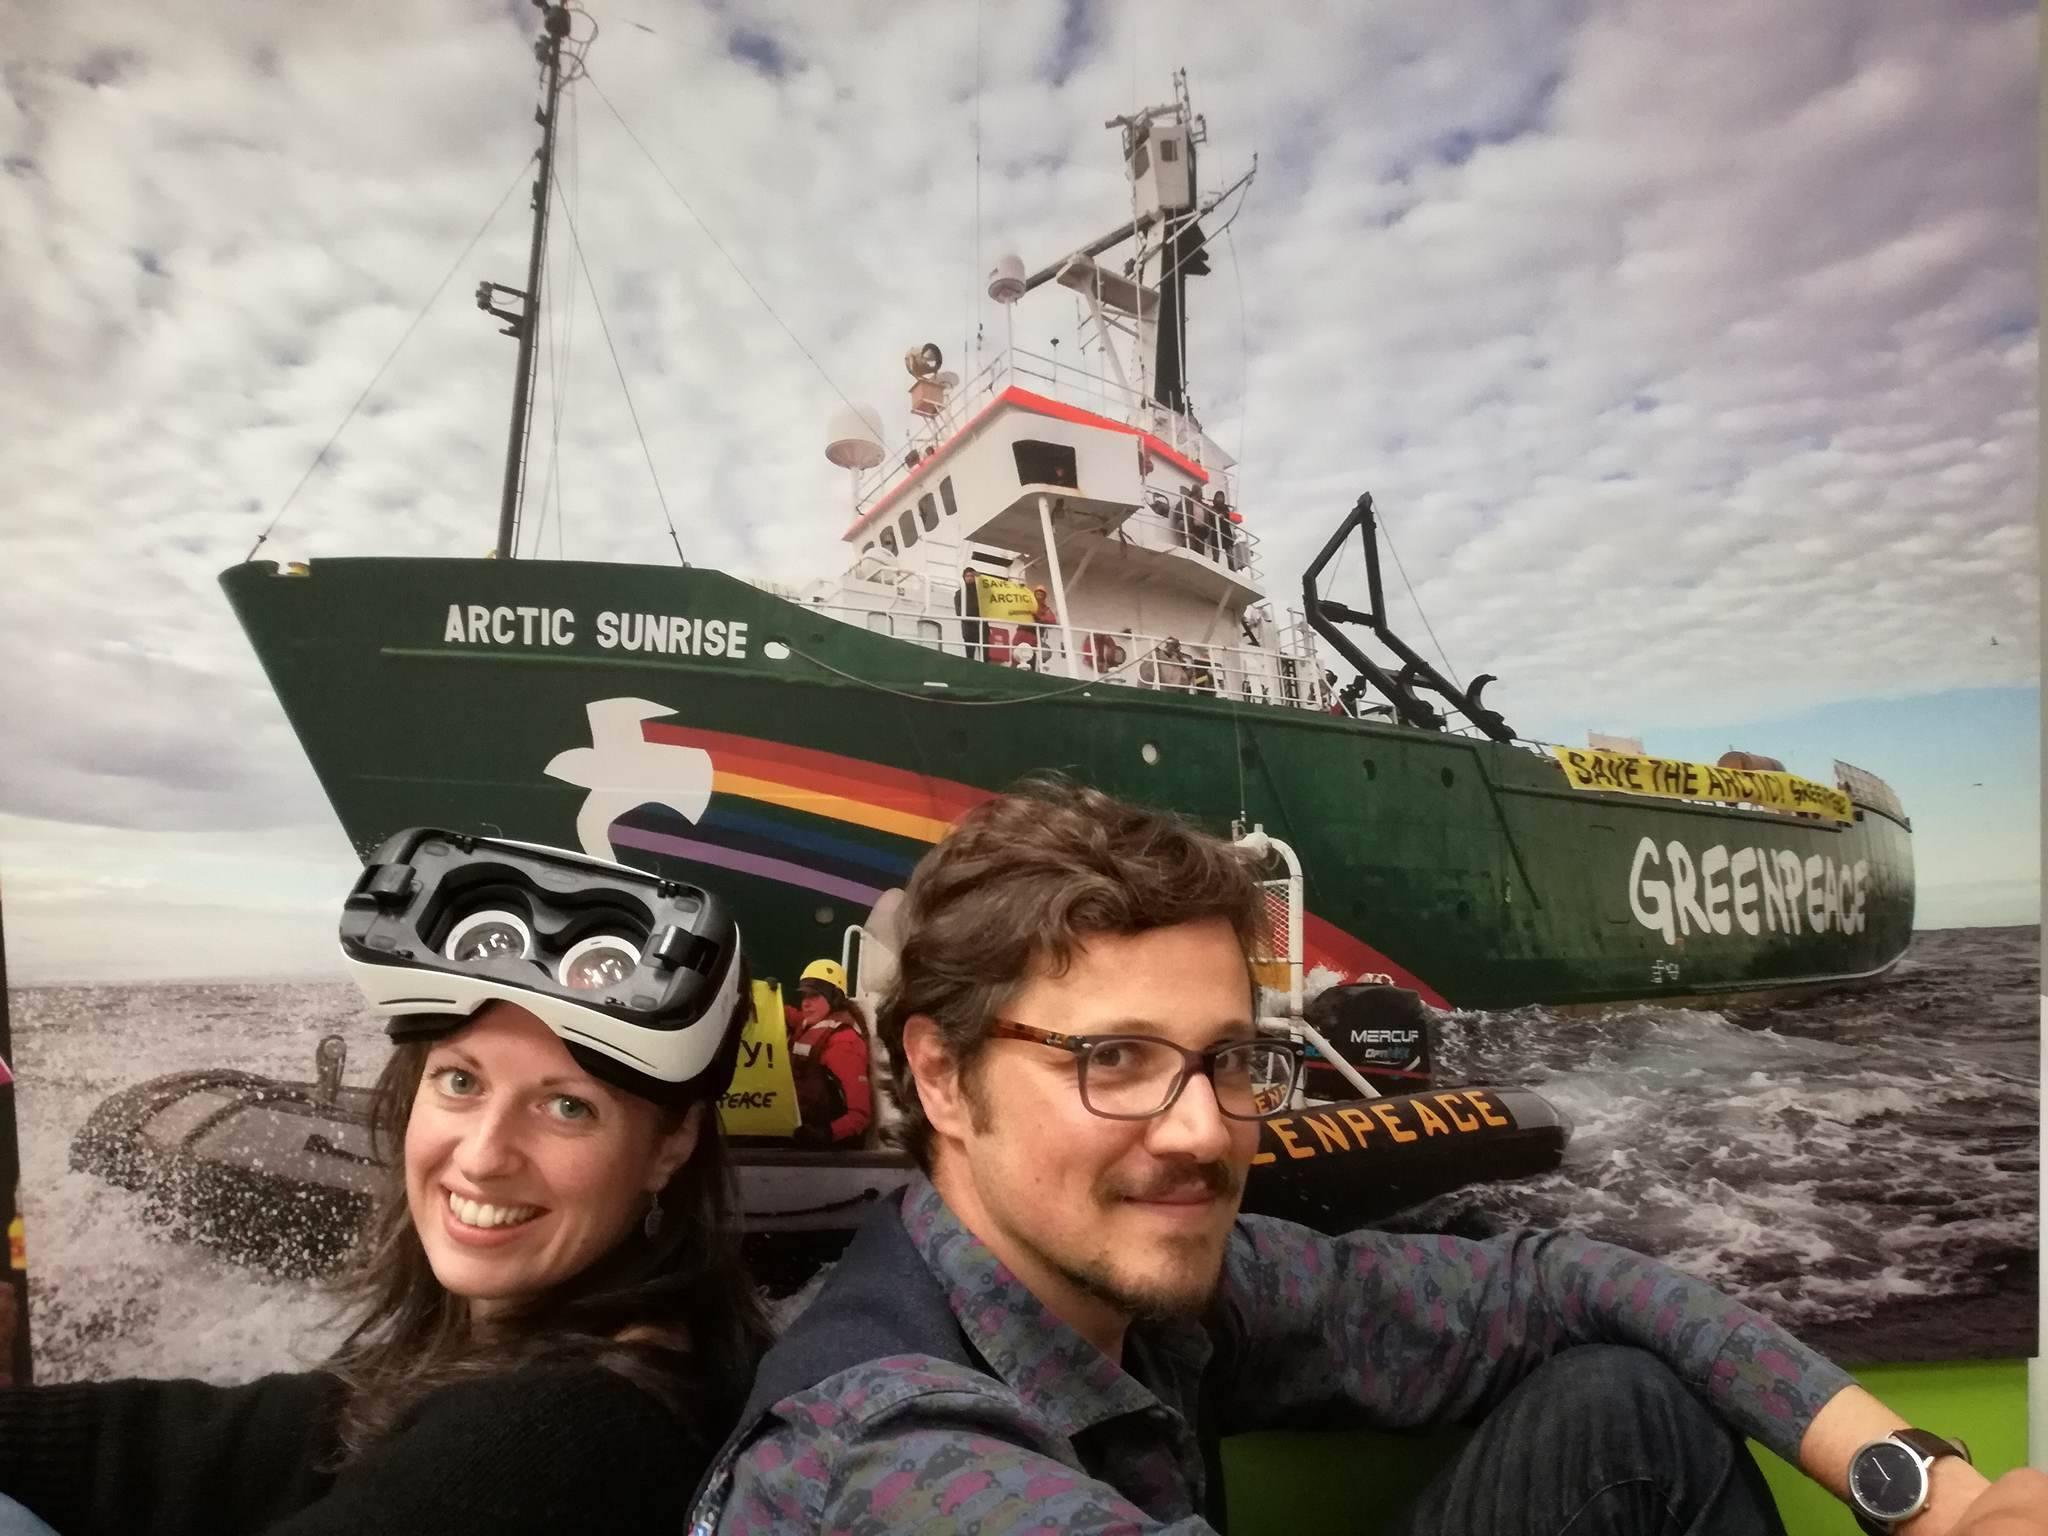 Un viaggio 3D nell'Artico con Greenpeace per difendere il Pianeta